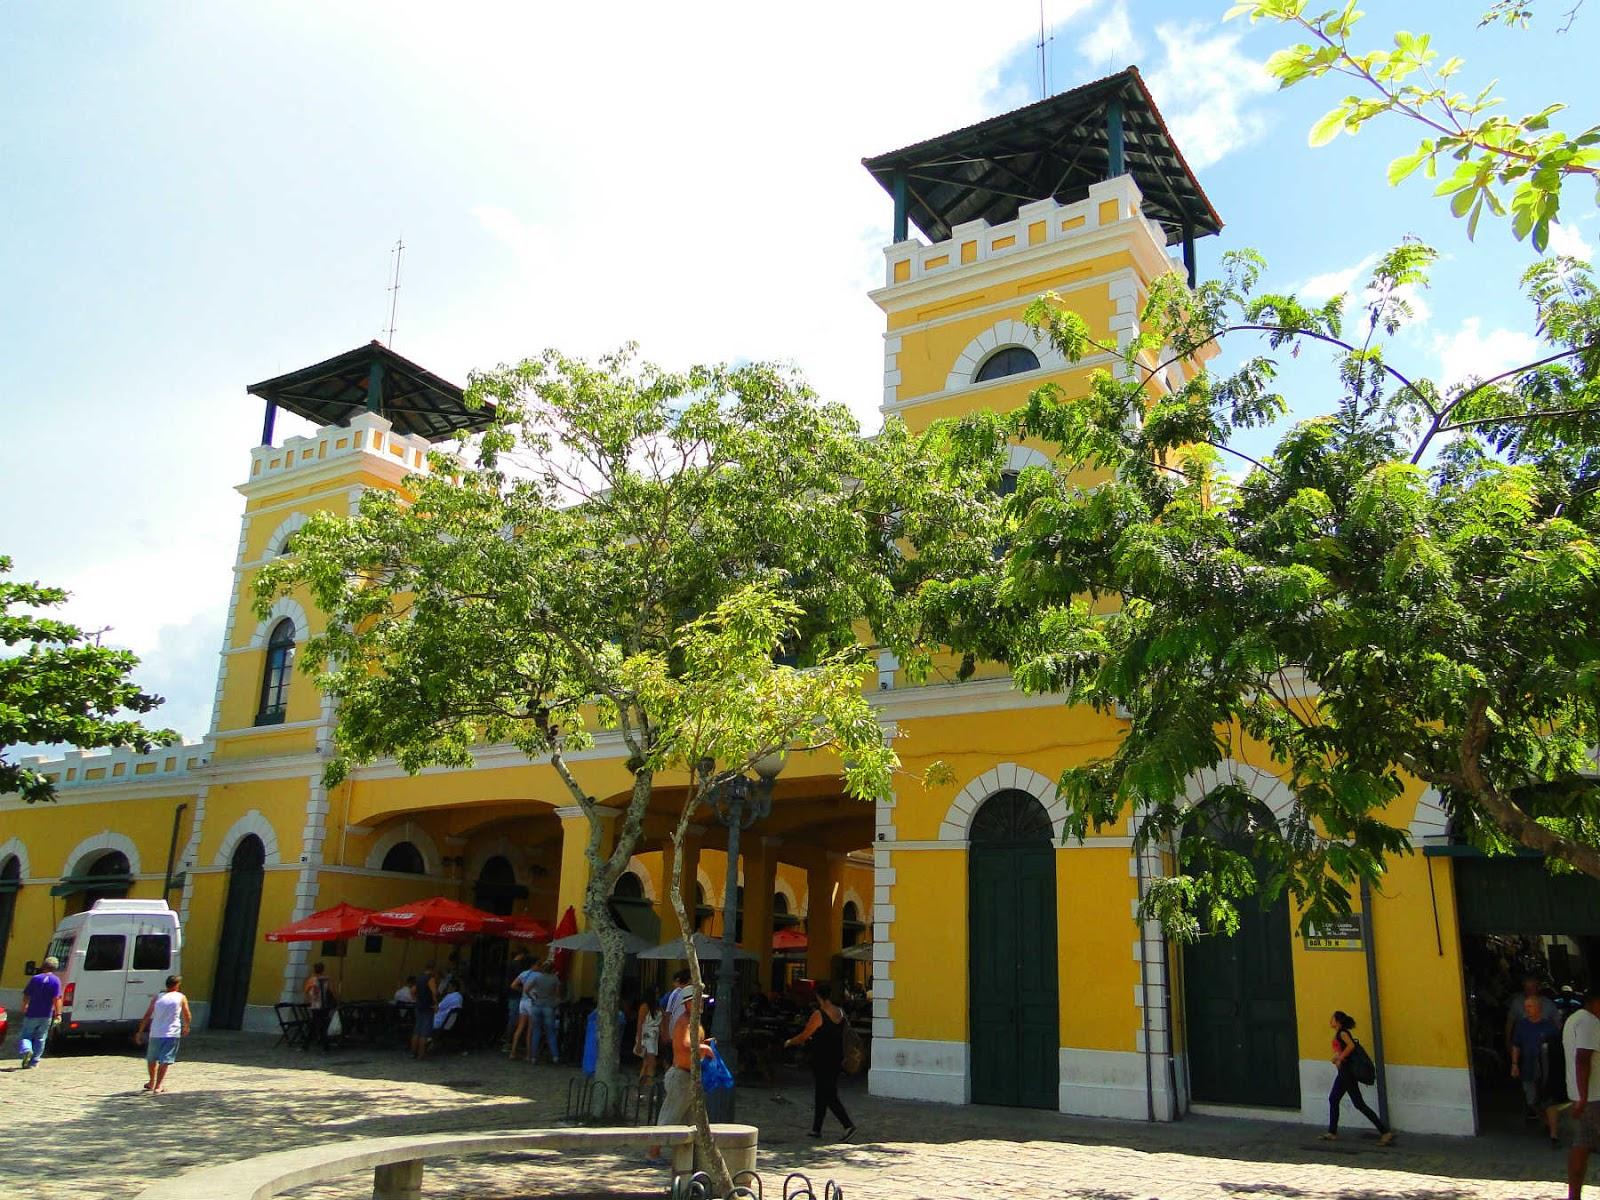 Viagem de carro por Santa Catarina